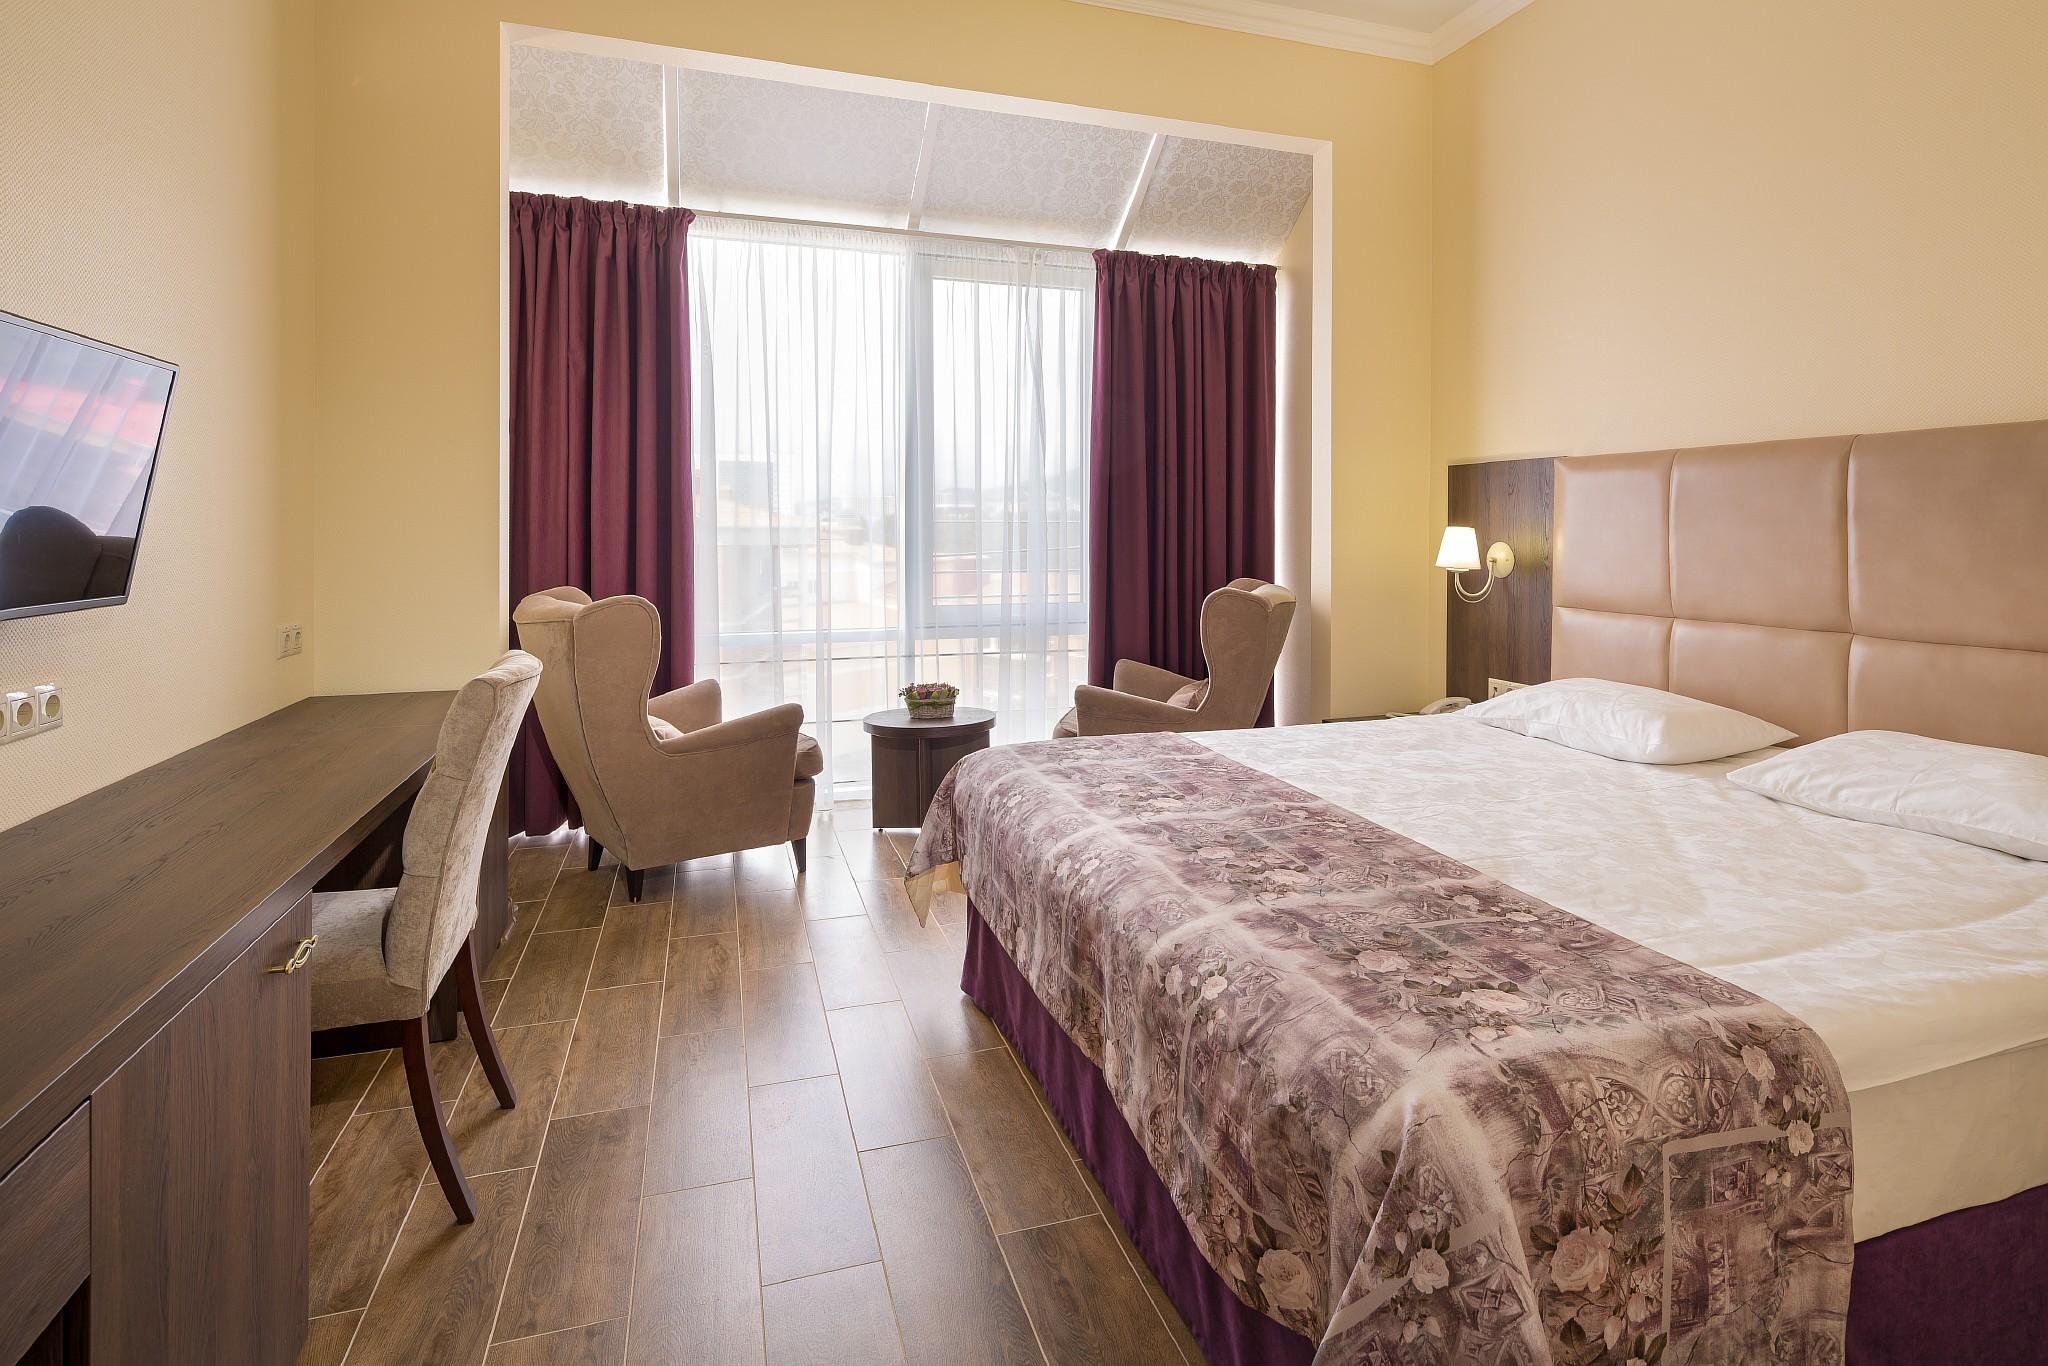 Отель Круиз Kompass Hotel,Стандартный 2-местный 1 категории вид на море и горы